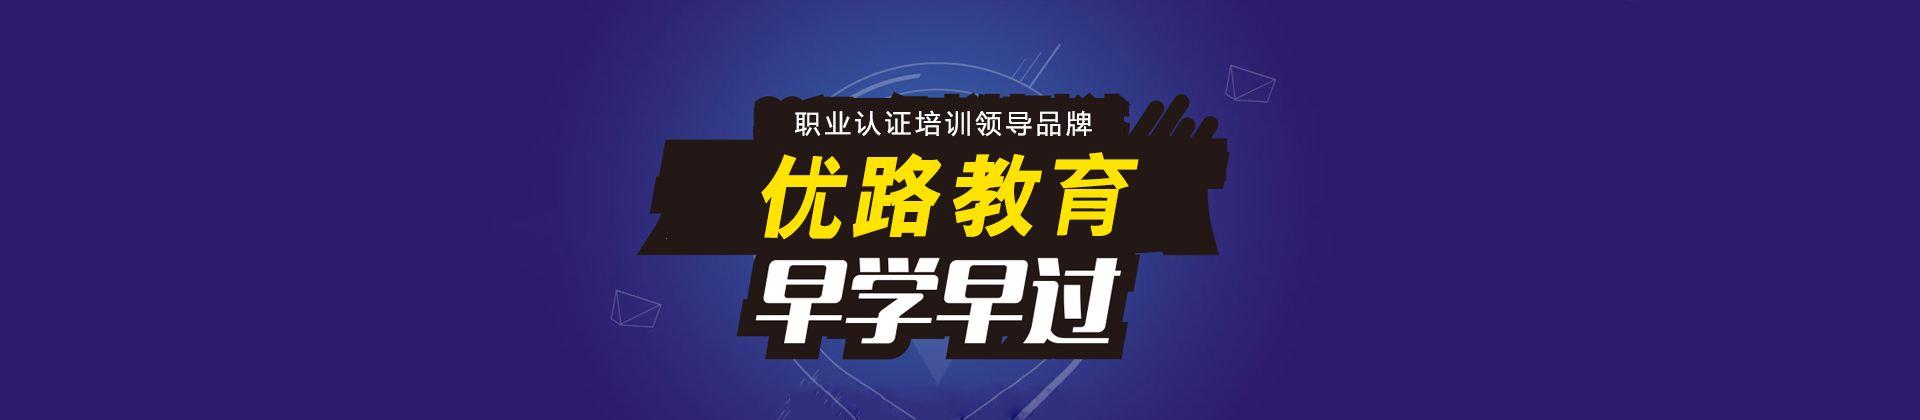 辽宁葫芦岛优路教育培训学校